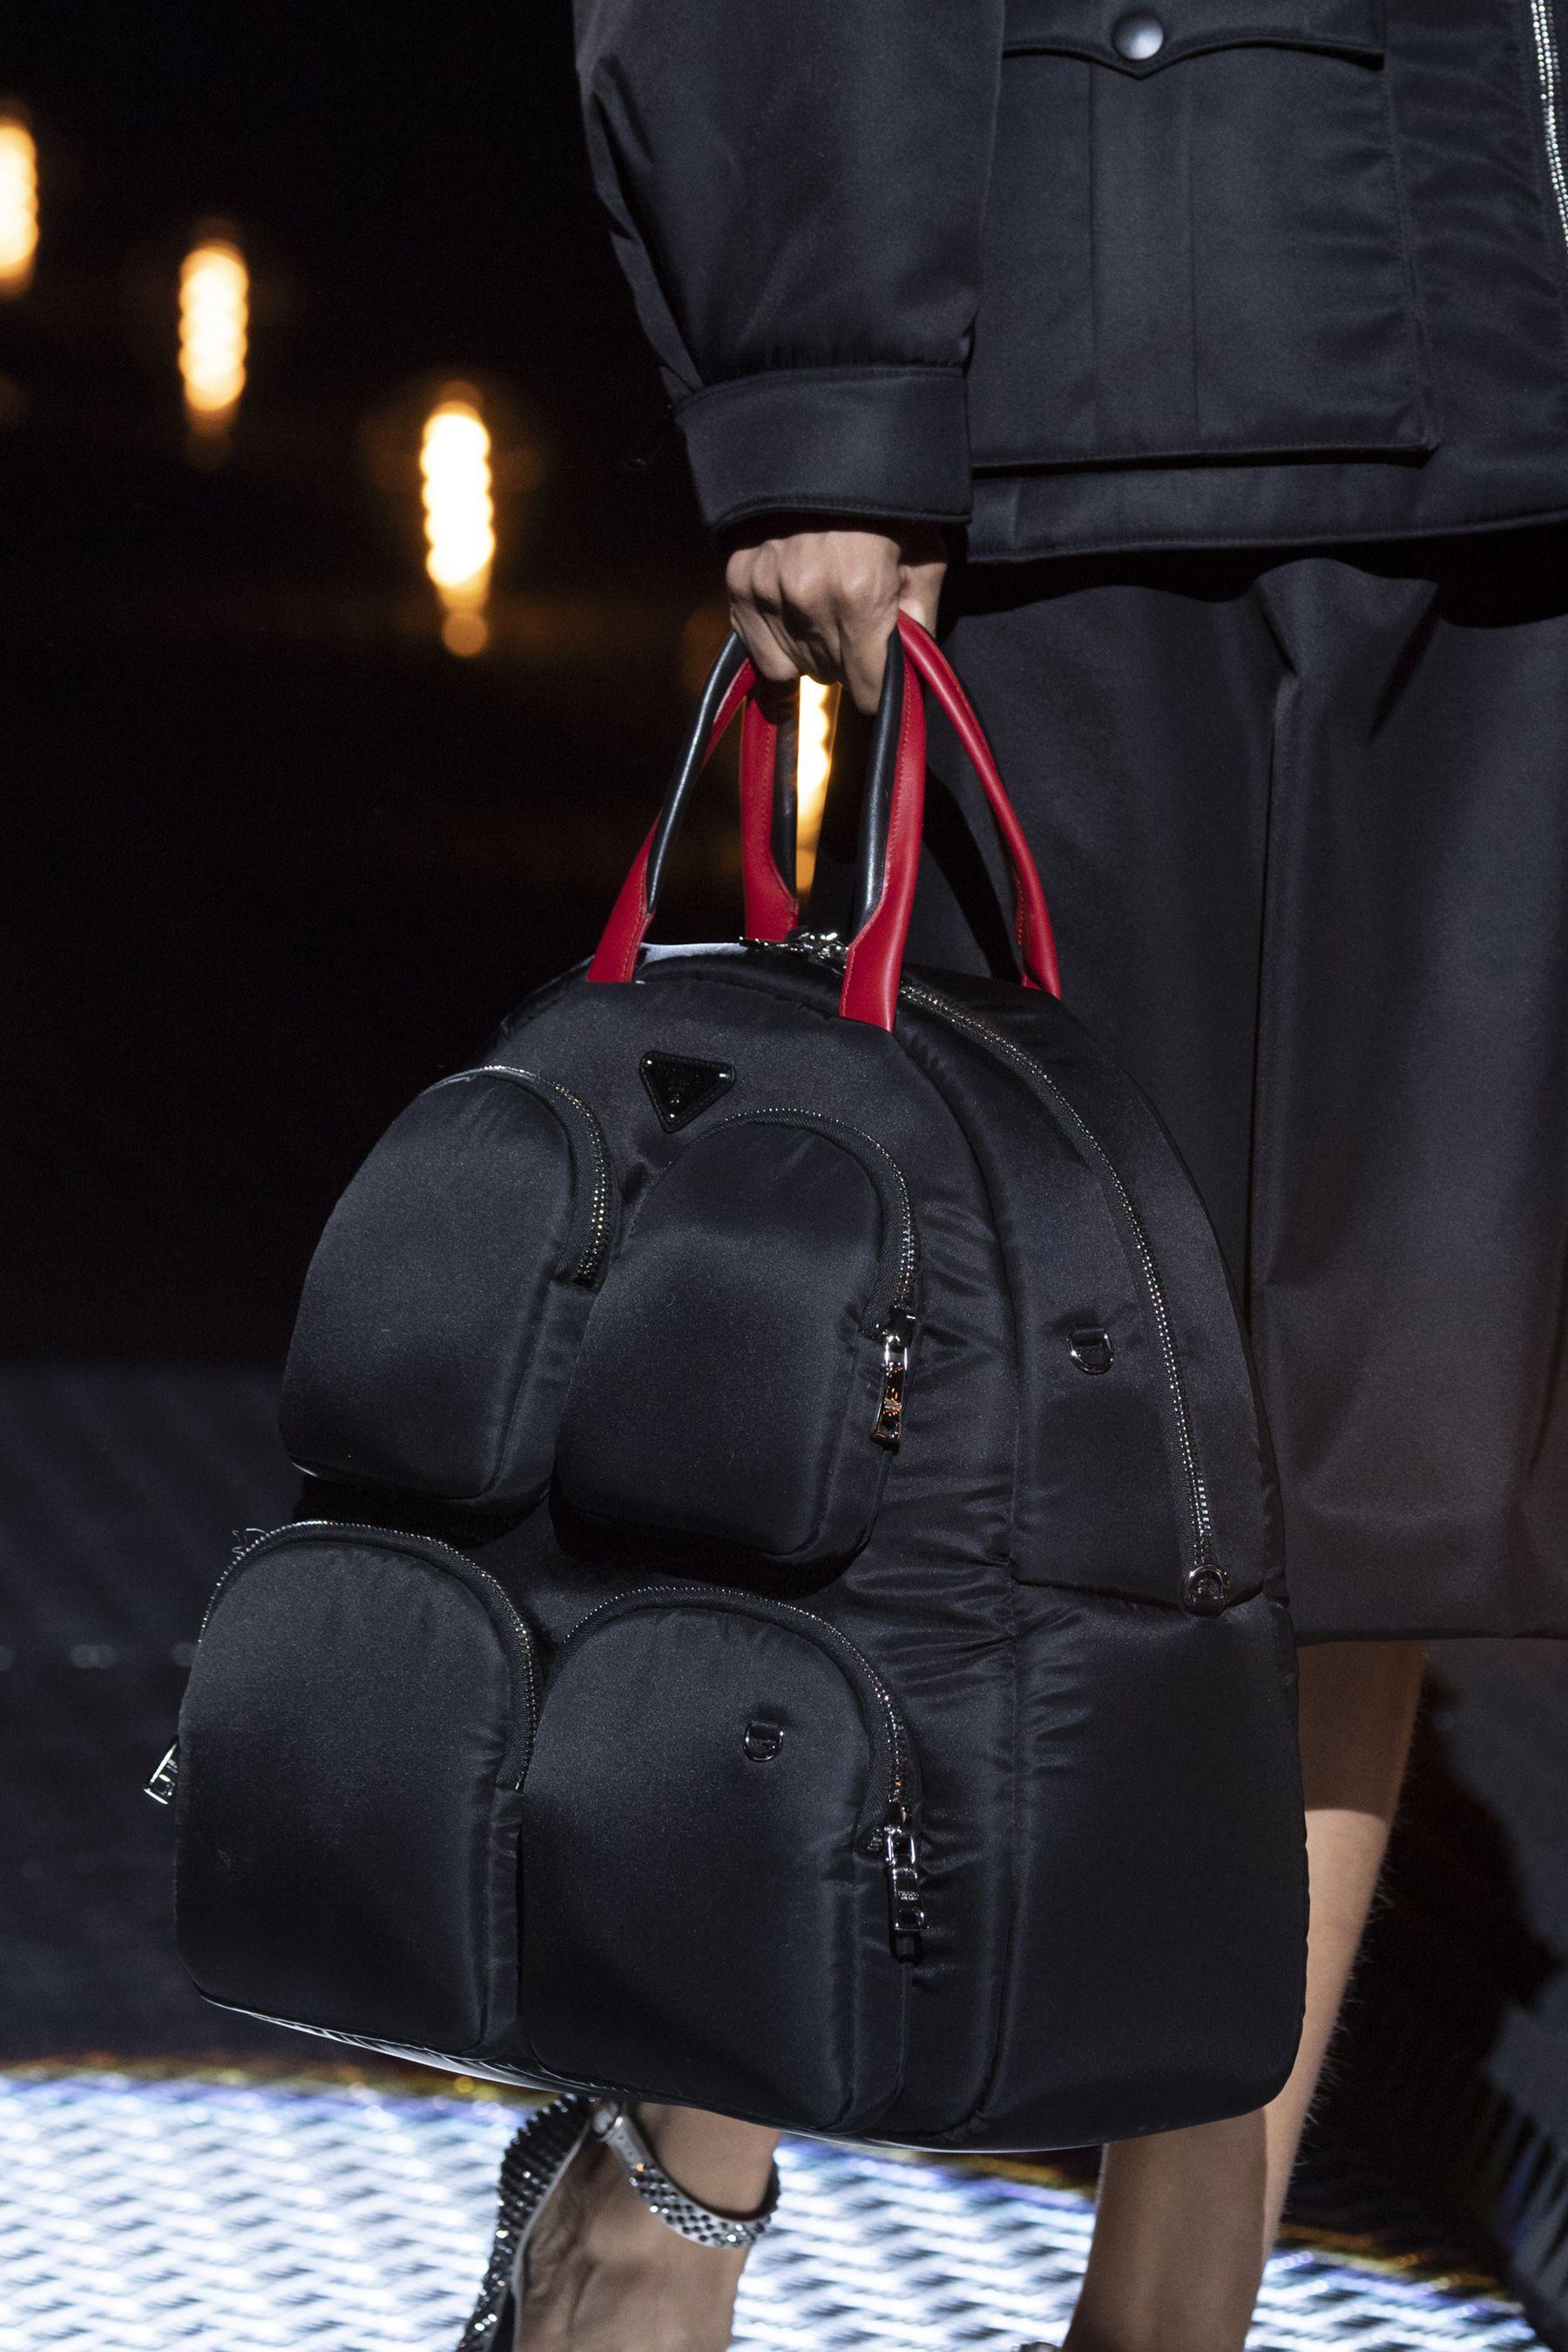 df06a00bd80a Prada Fall 2019 Fashion Show Details | The Look Book | Bags in 2019 ...